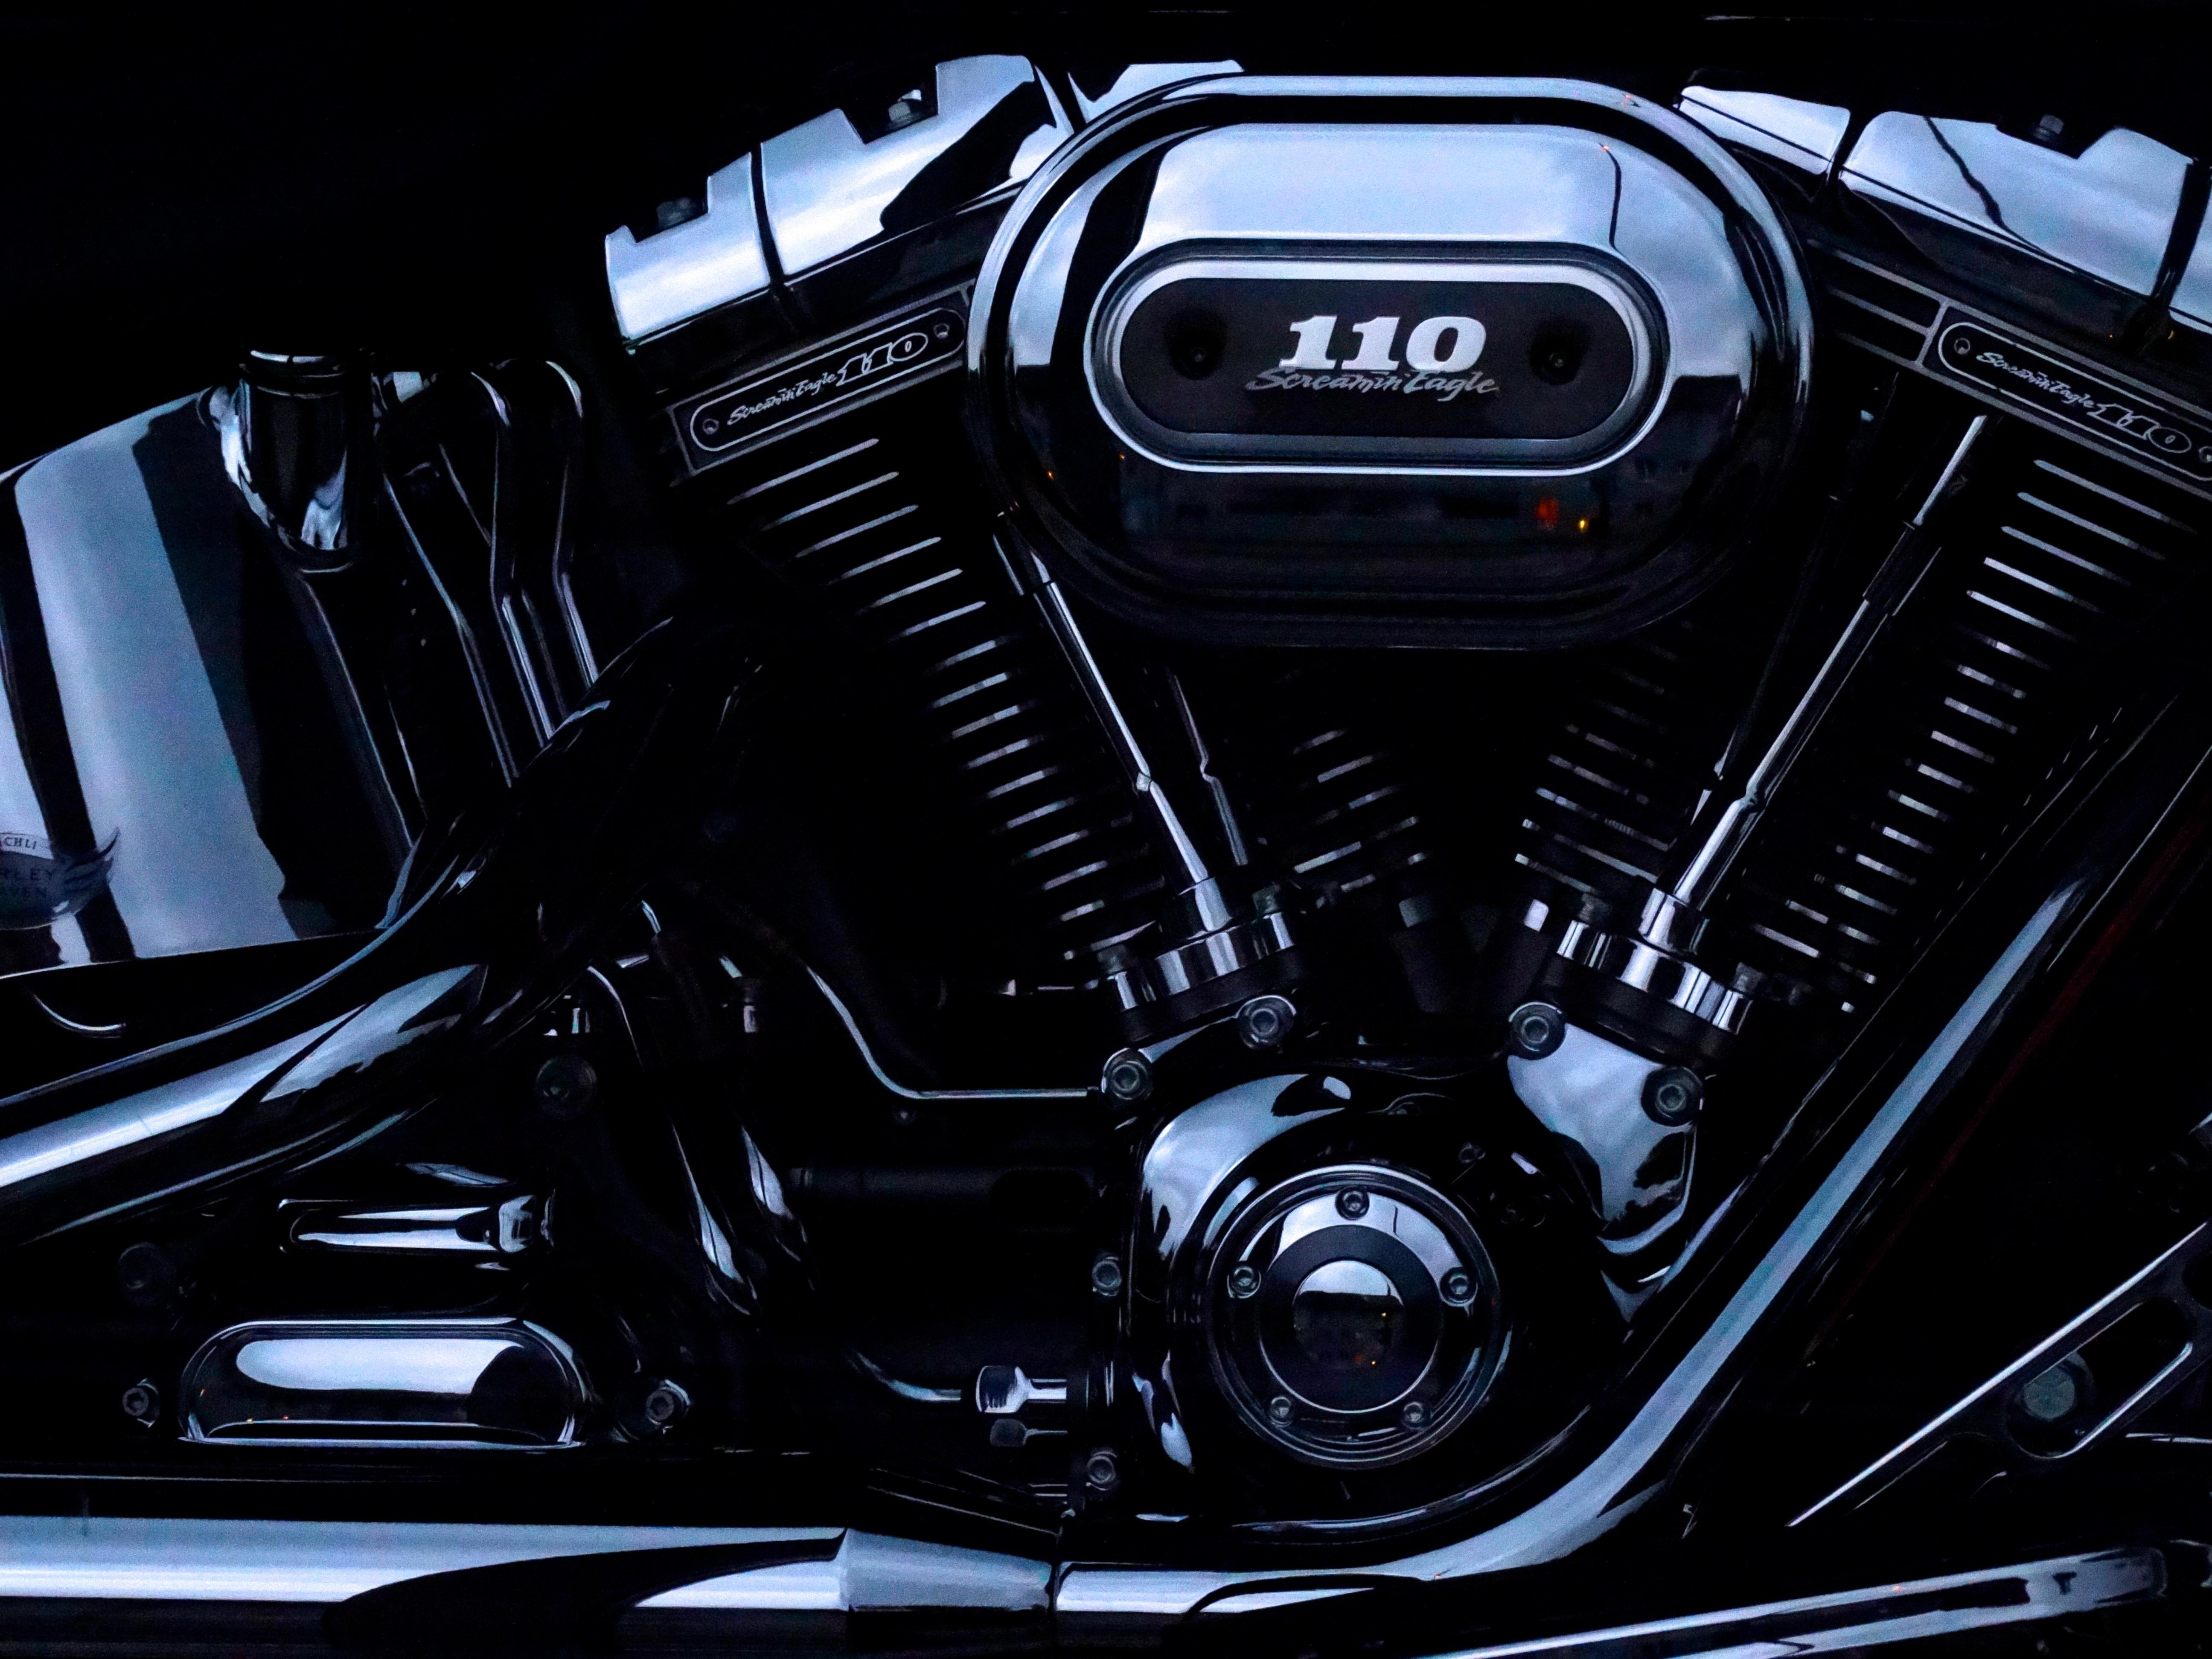 115887 скачать обои Мотоциклы, Двигатель, Harley Davidson, Мотоцикл, Байк, Мотор, Детали - заставки и картинки бесплатно